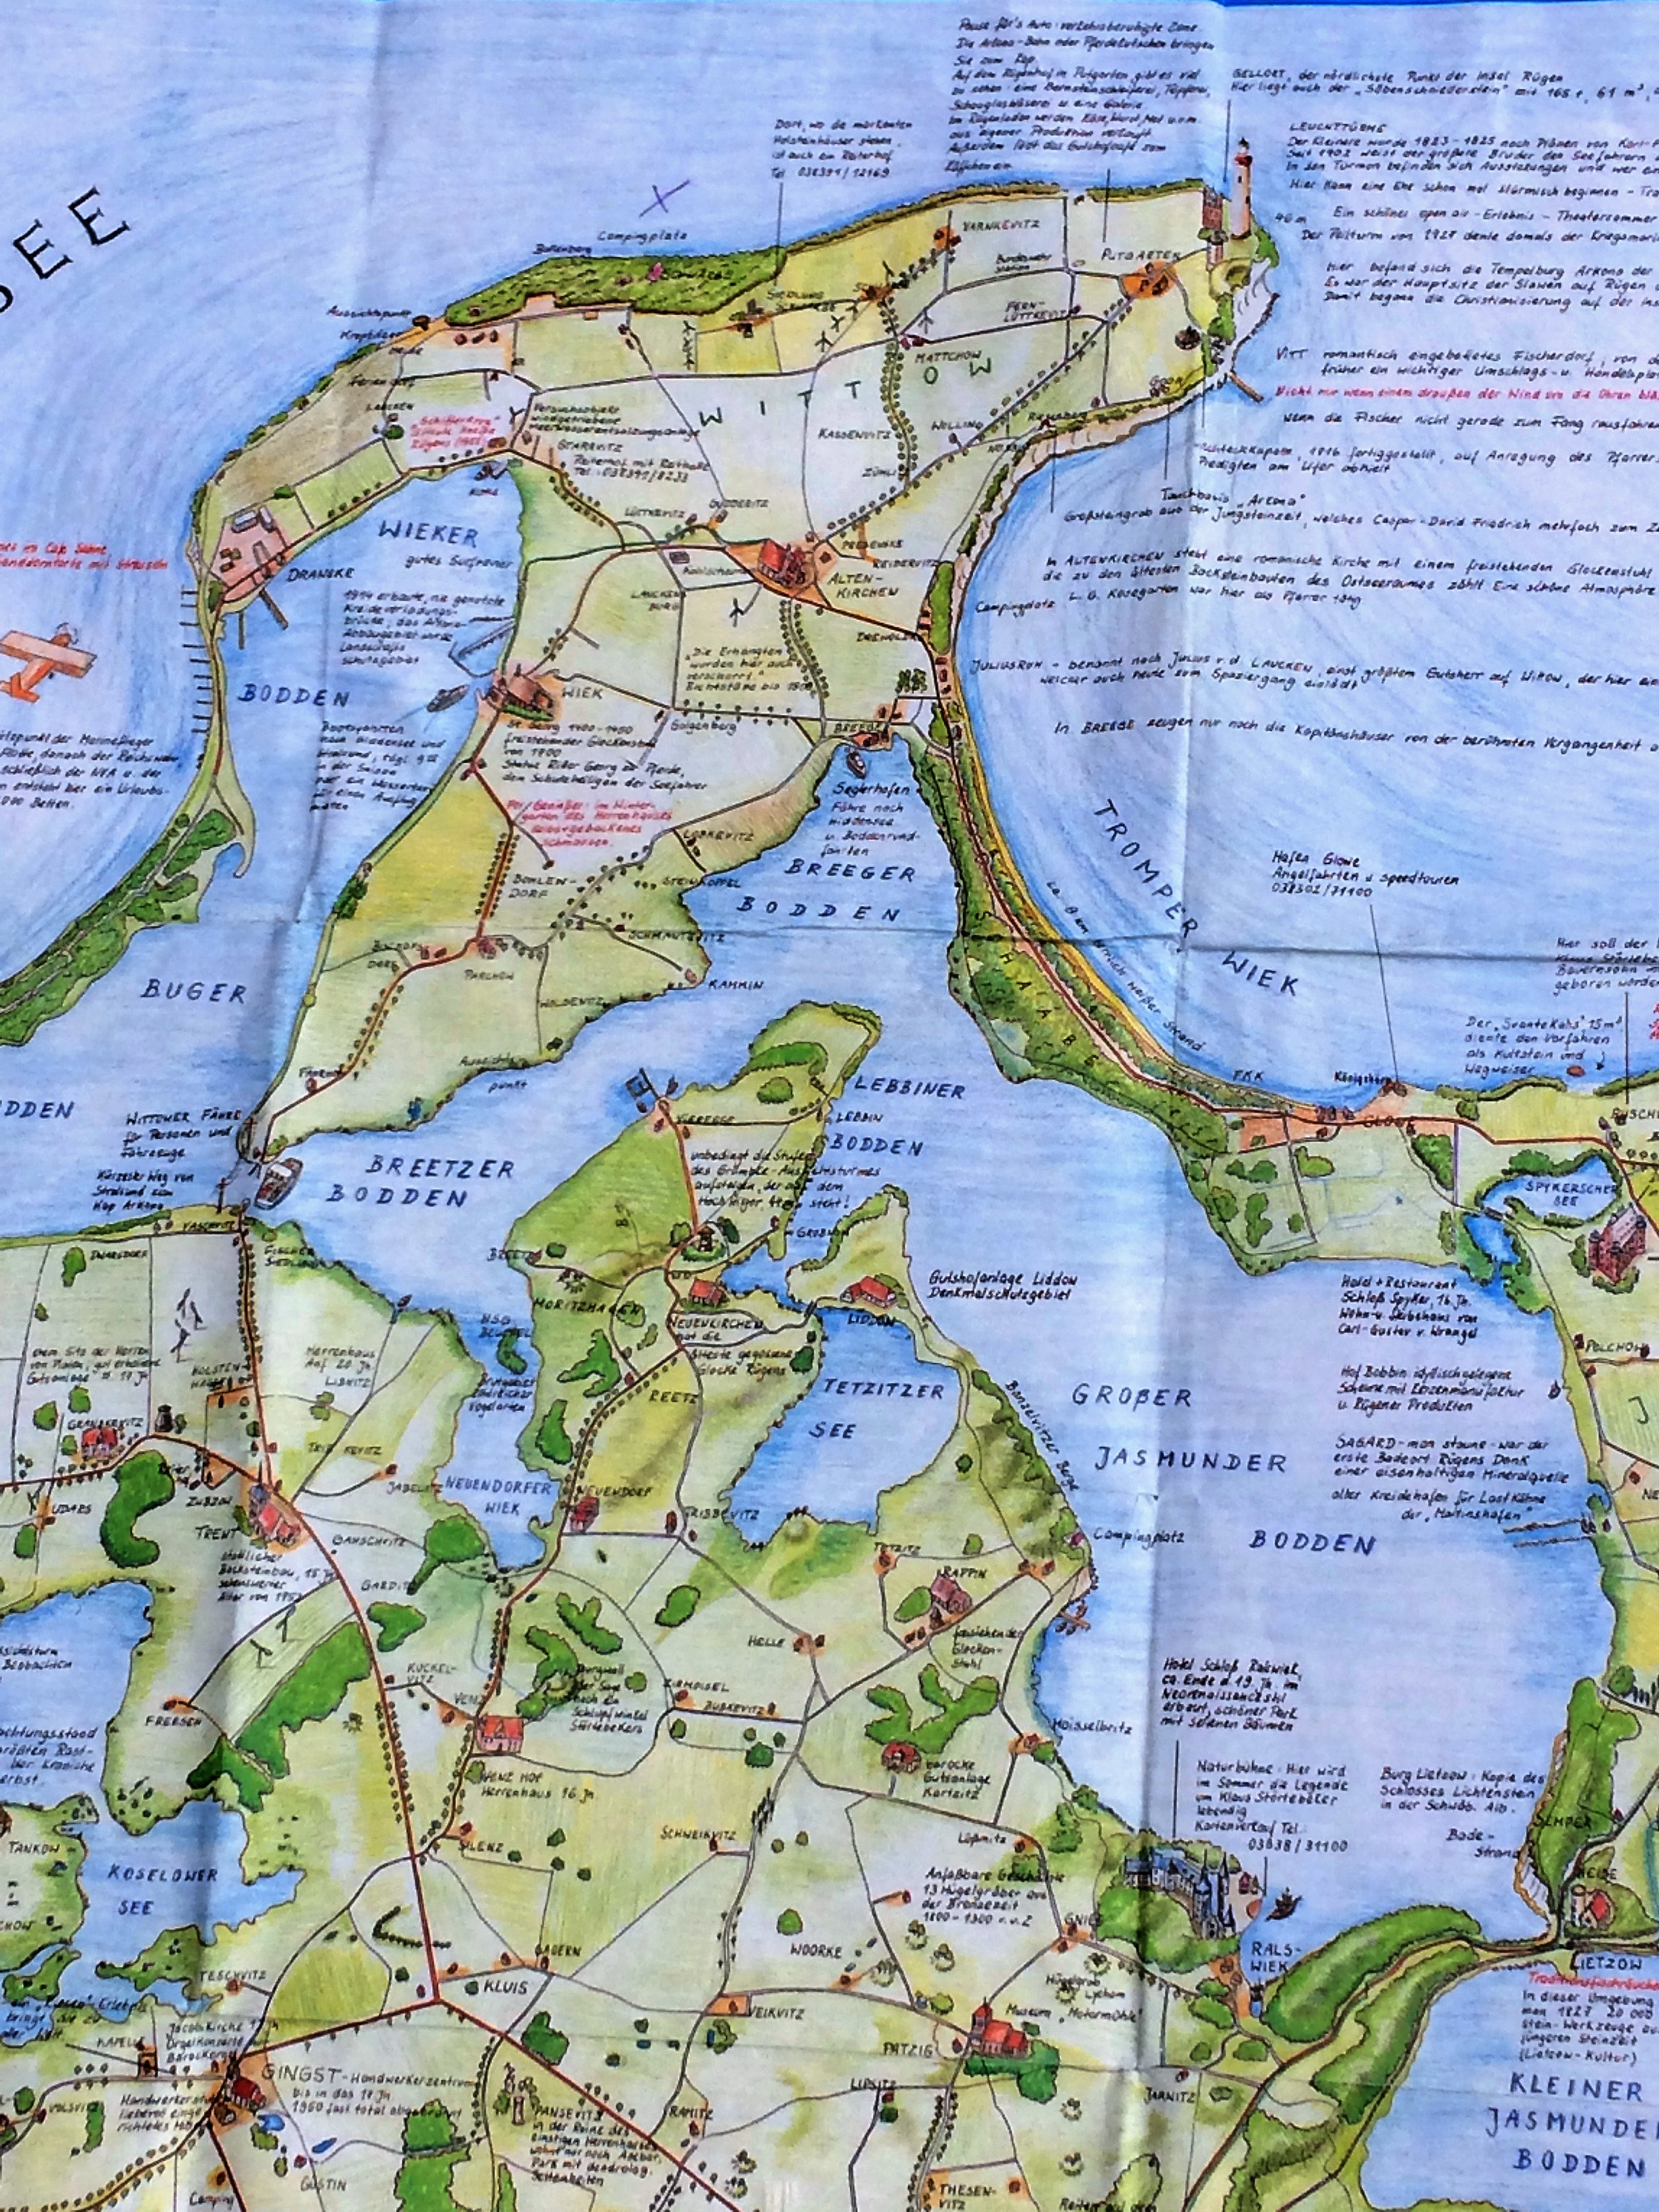 Rügen Karte.Rügen Karte Herausfinderin